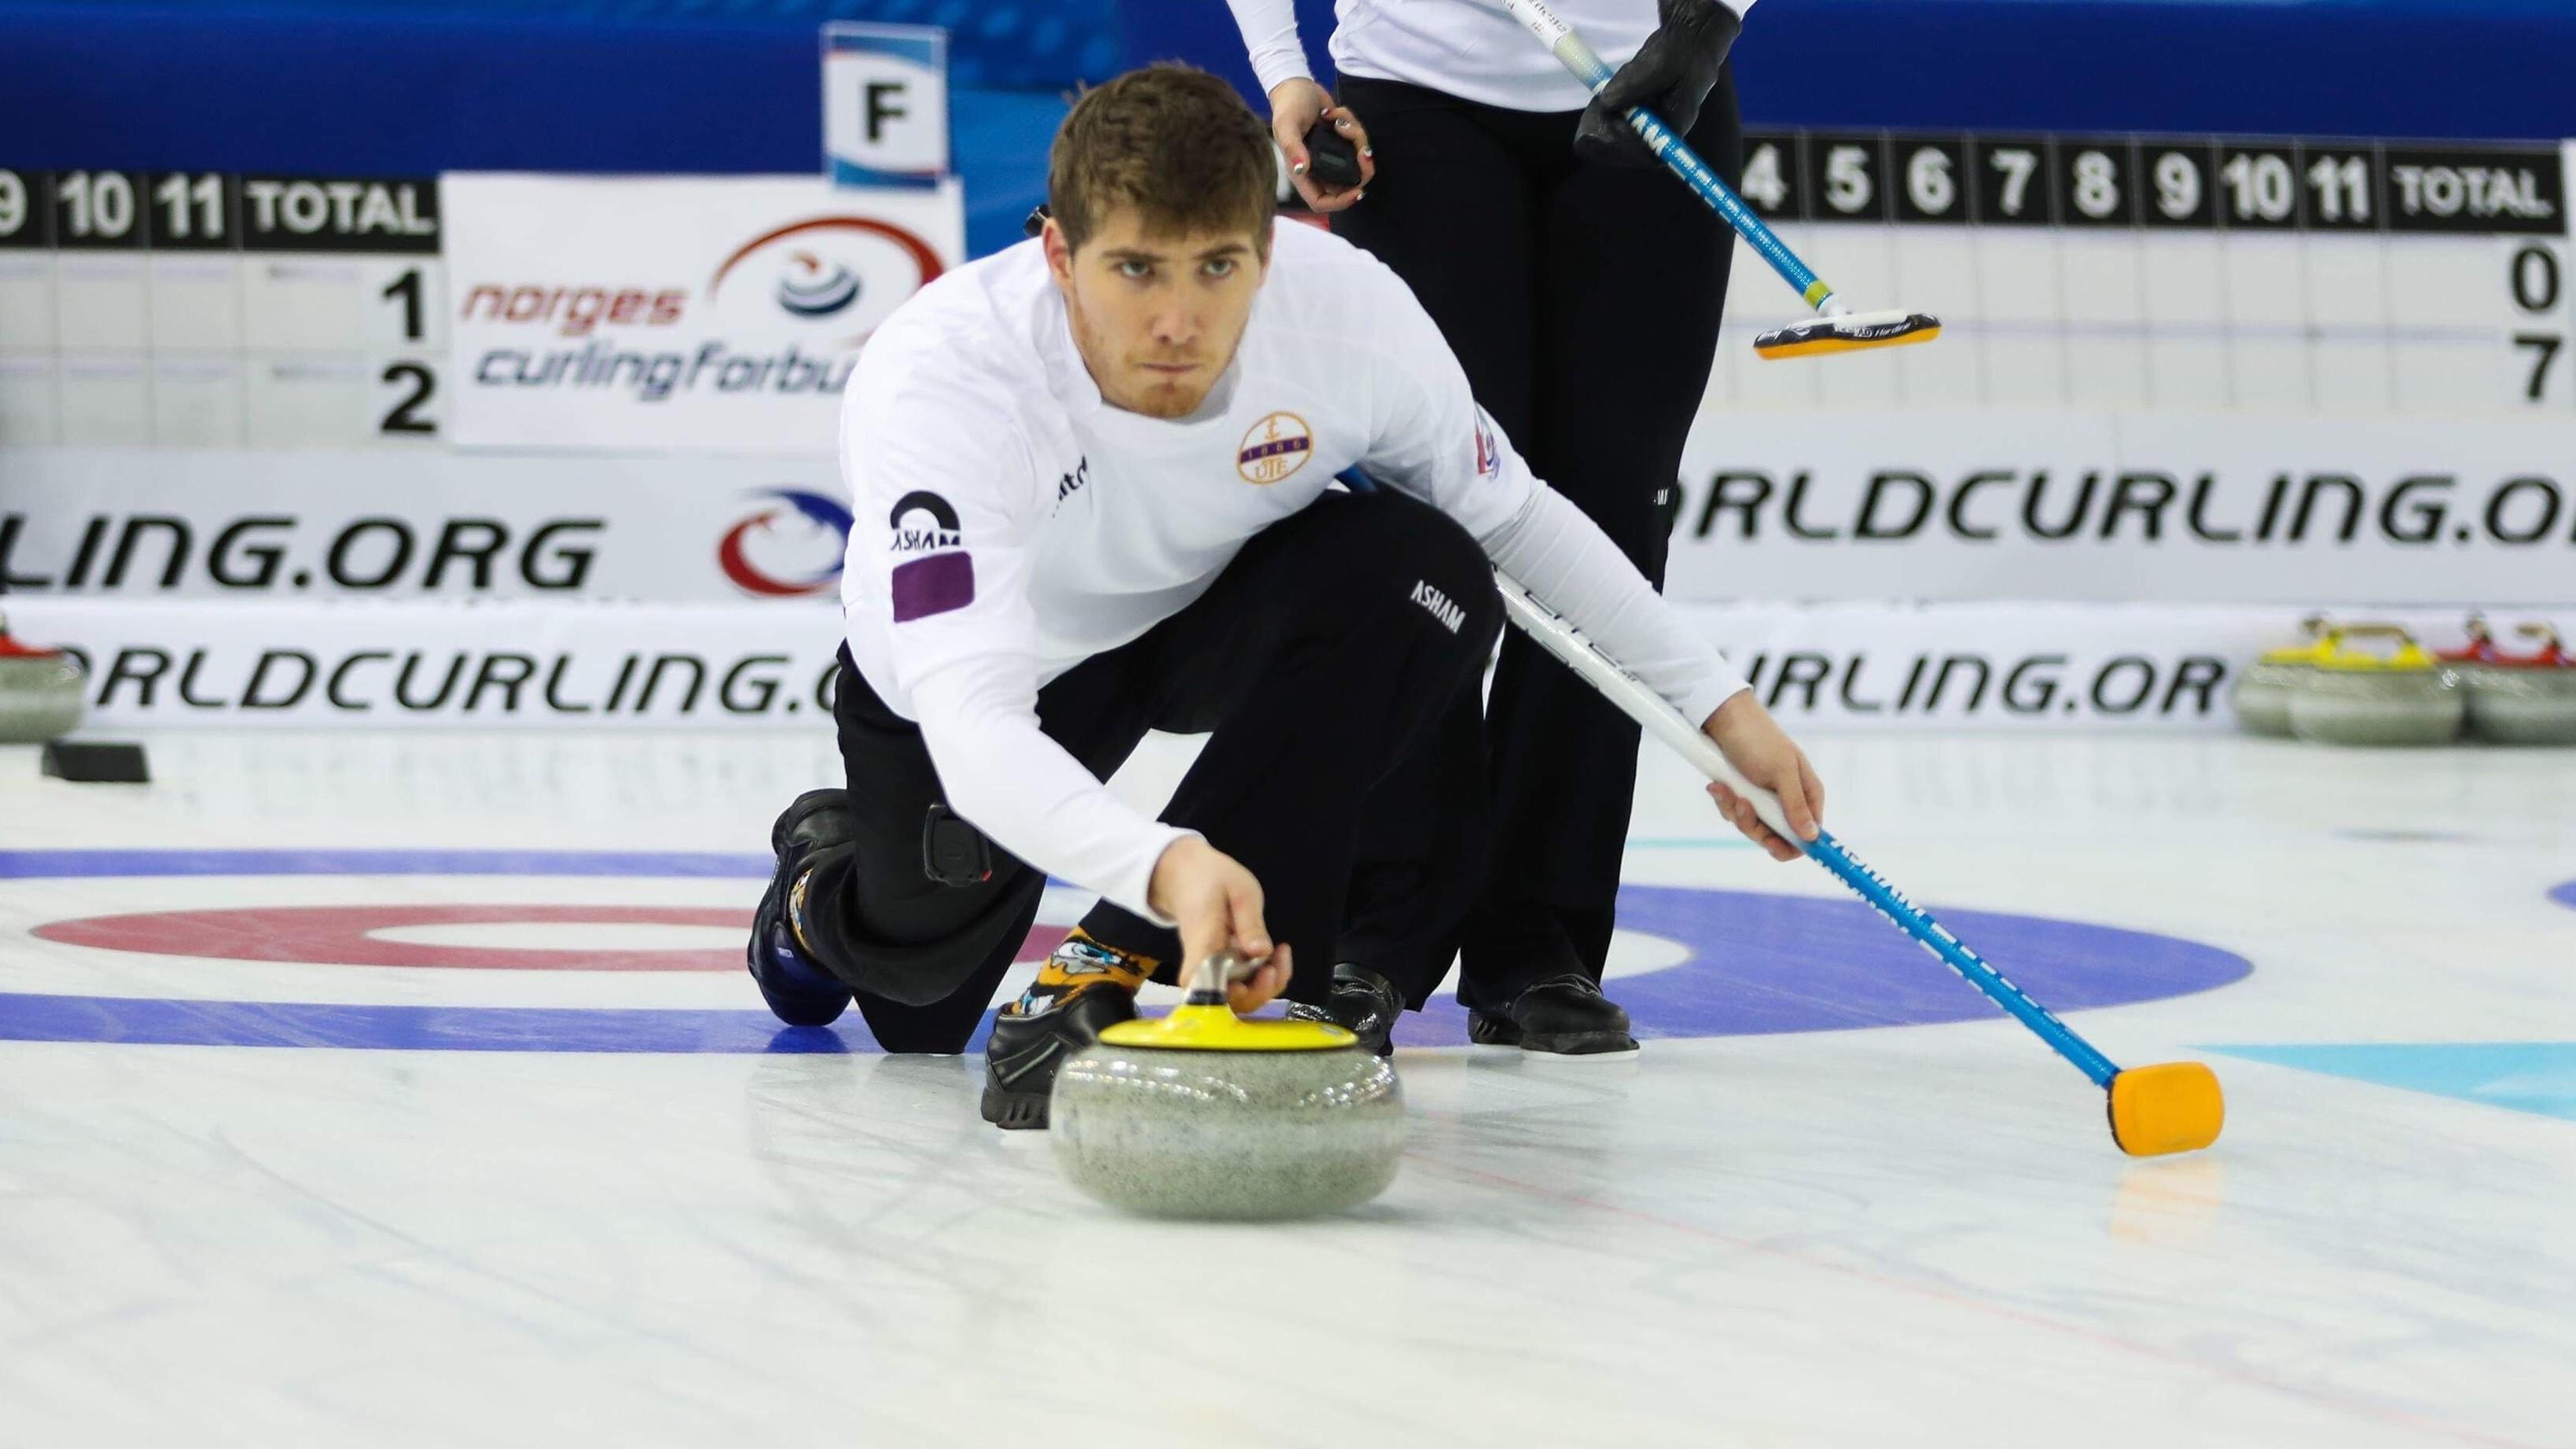 Curling vegyespáros vb - Csoportelsőség veretlenül